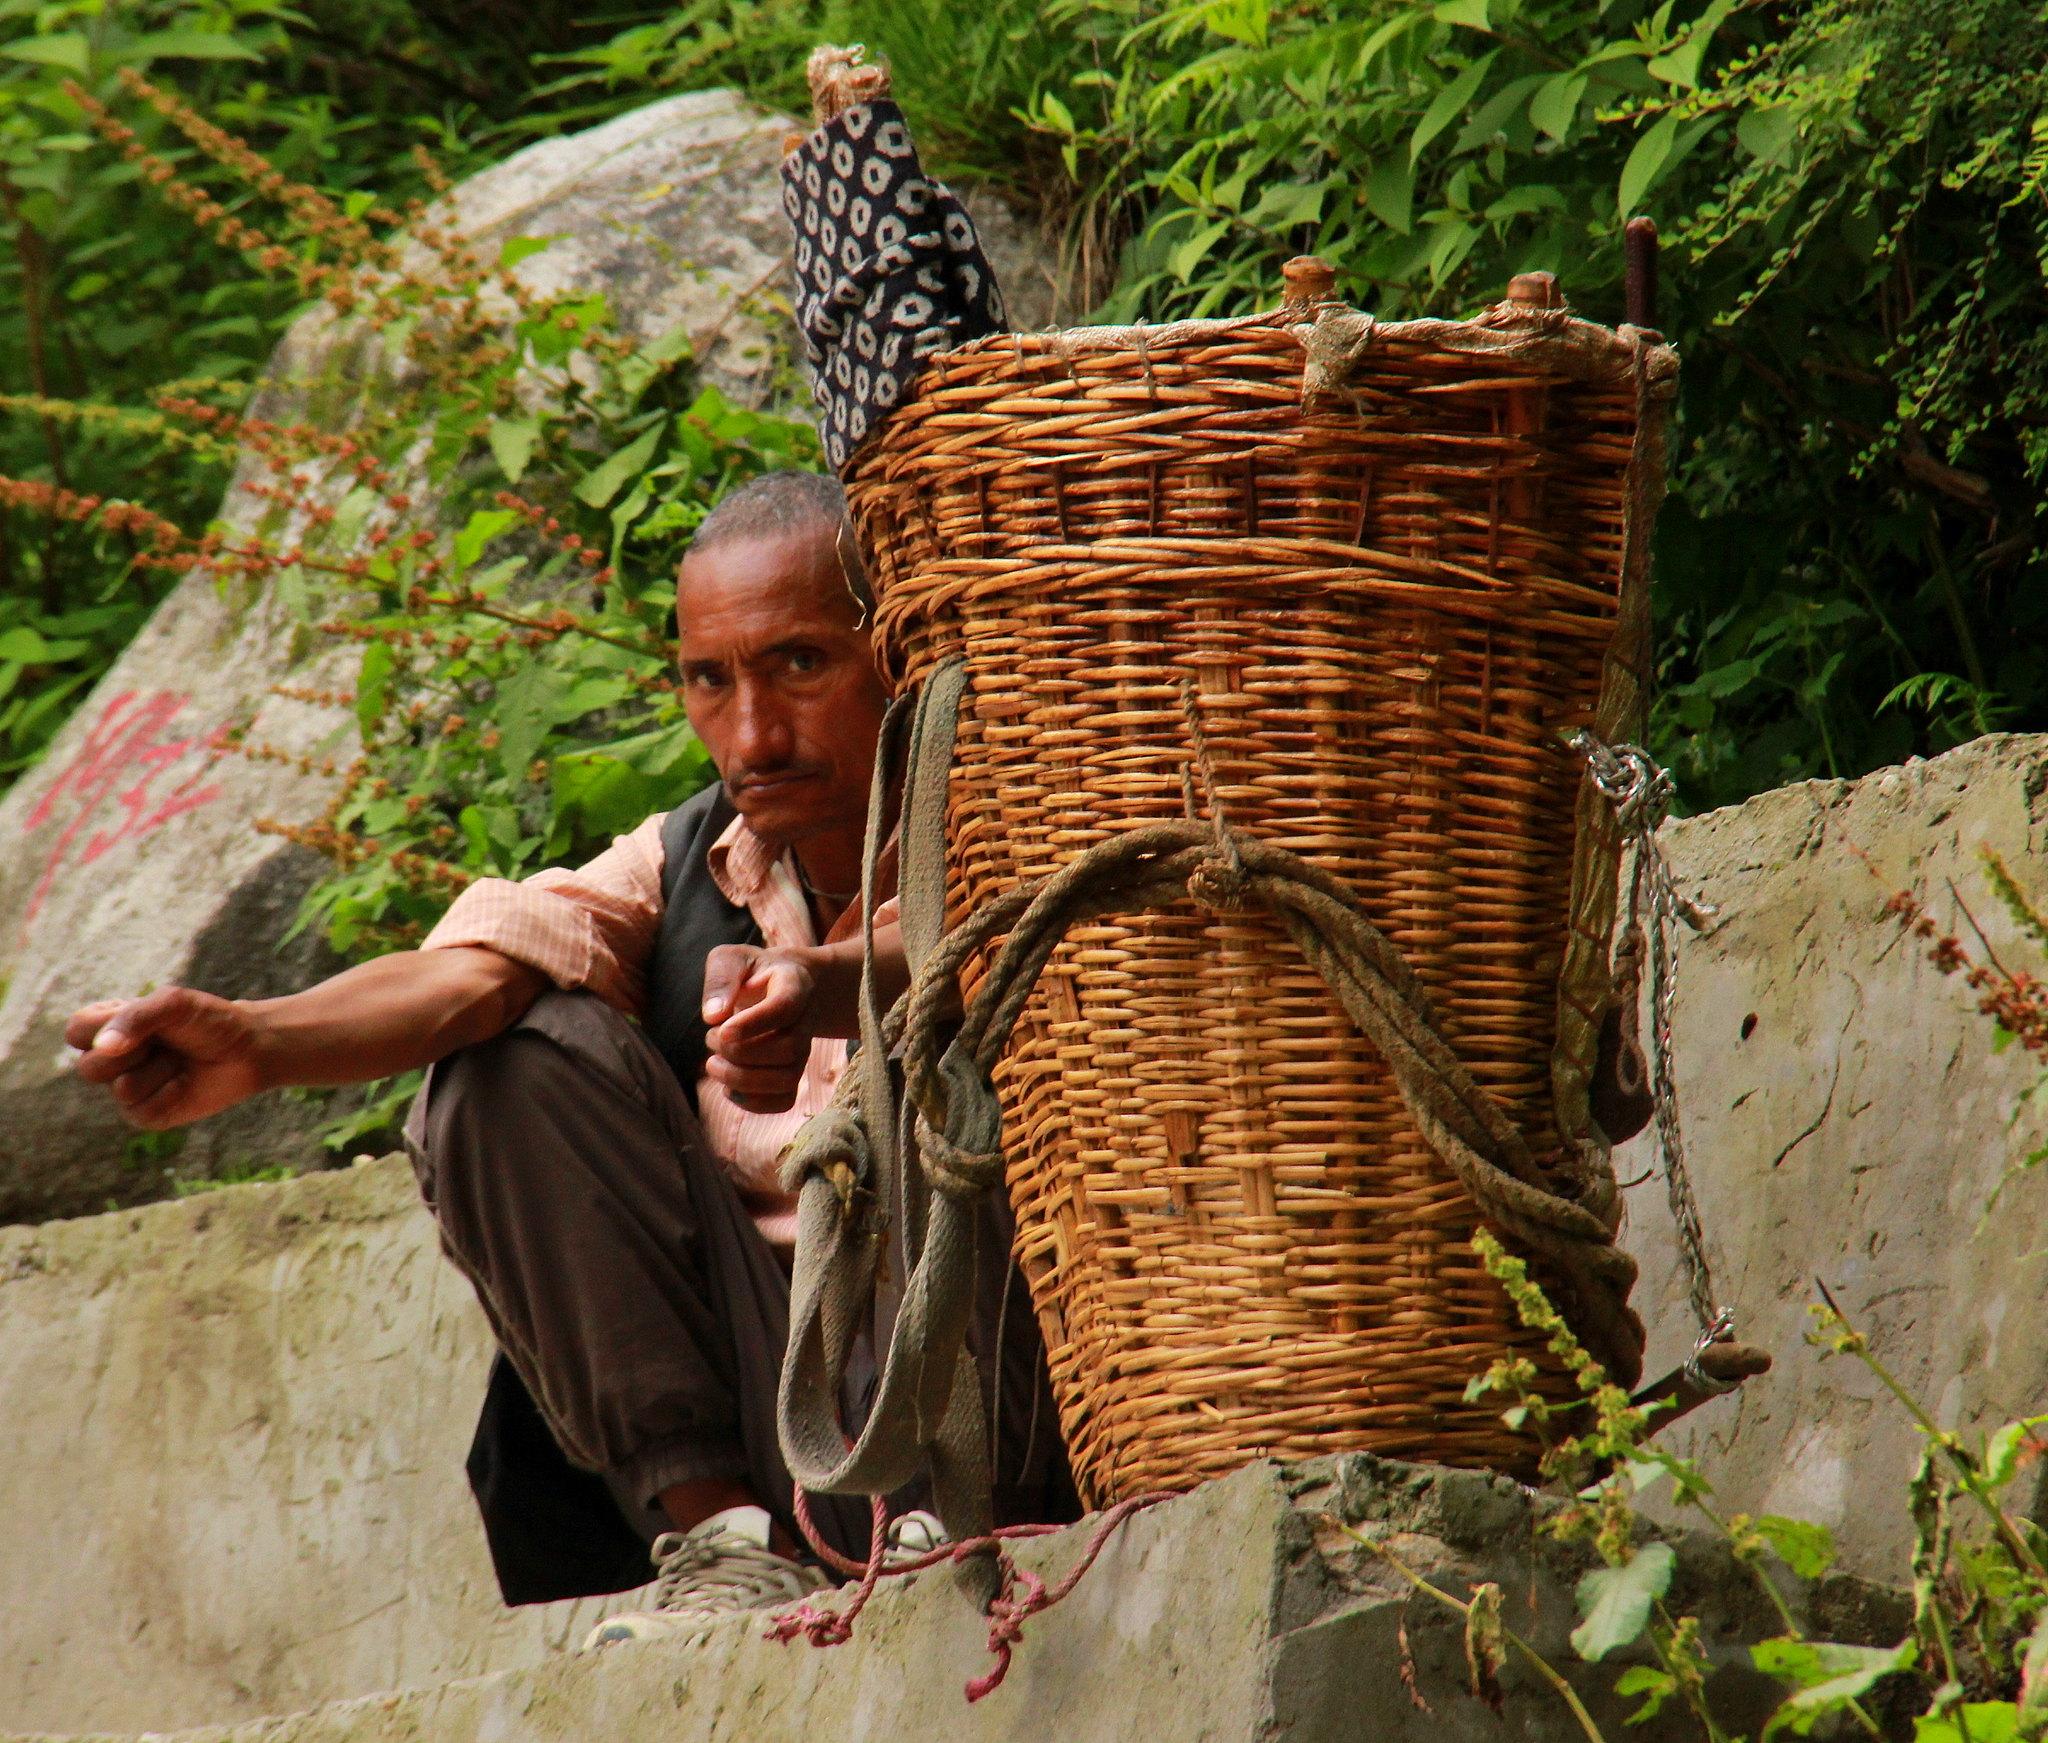 Bhuyandar is the last village before Ghangaria